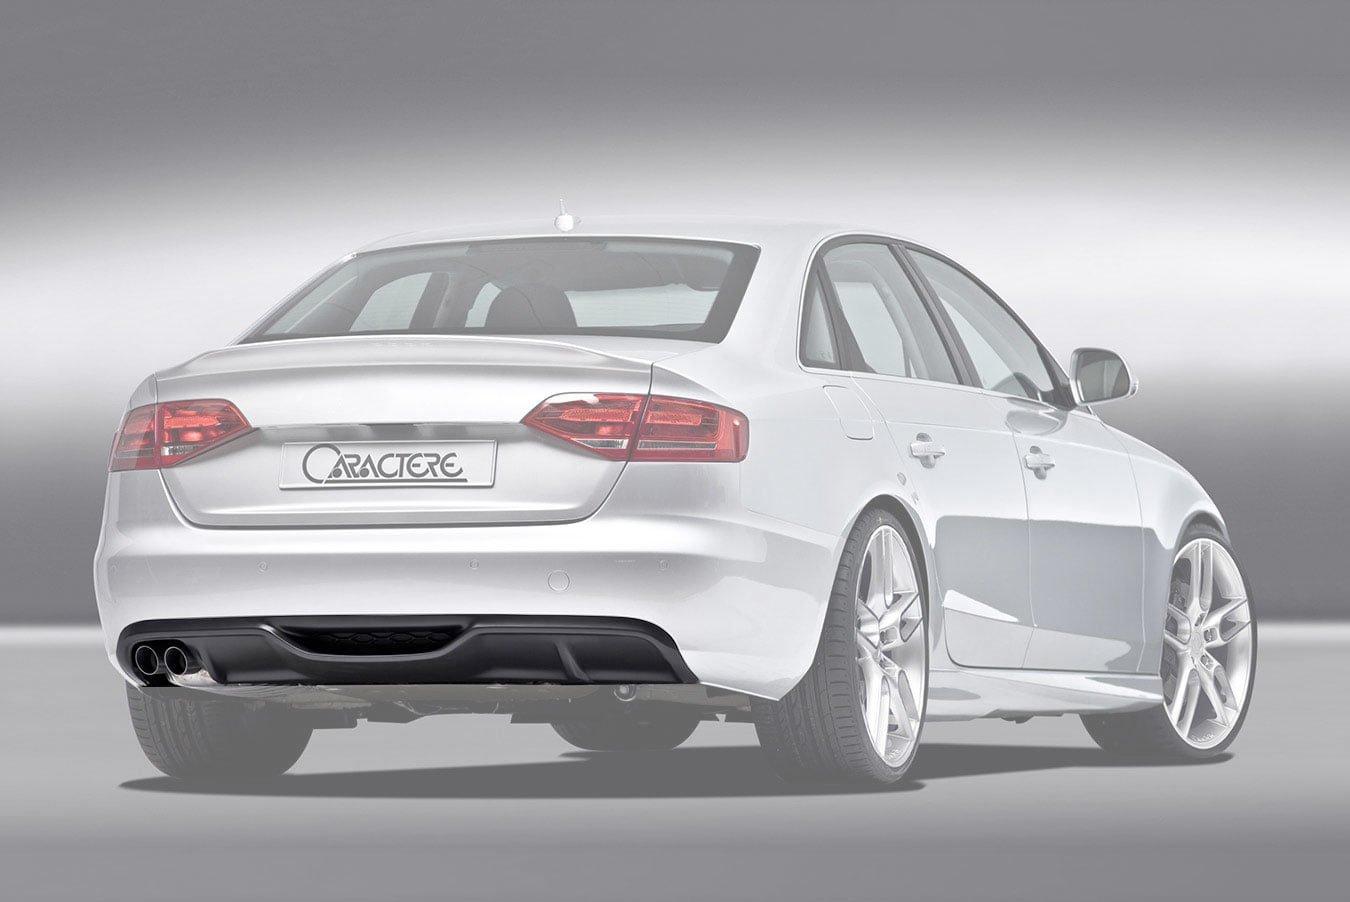 Kelebihan Kekurangan Audi A4 V6 Spesifikasi